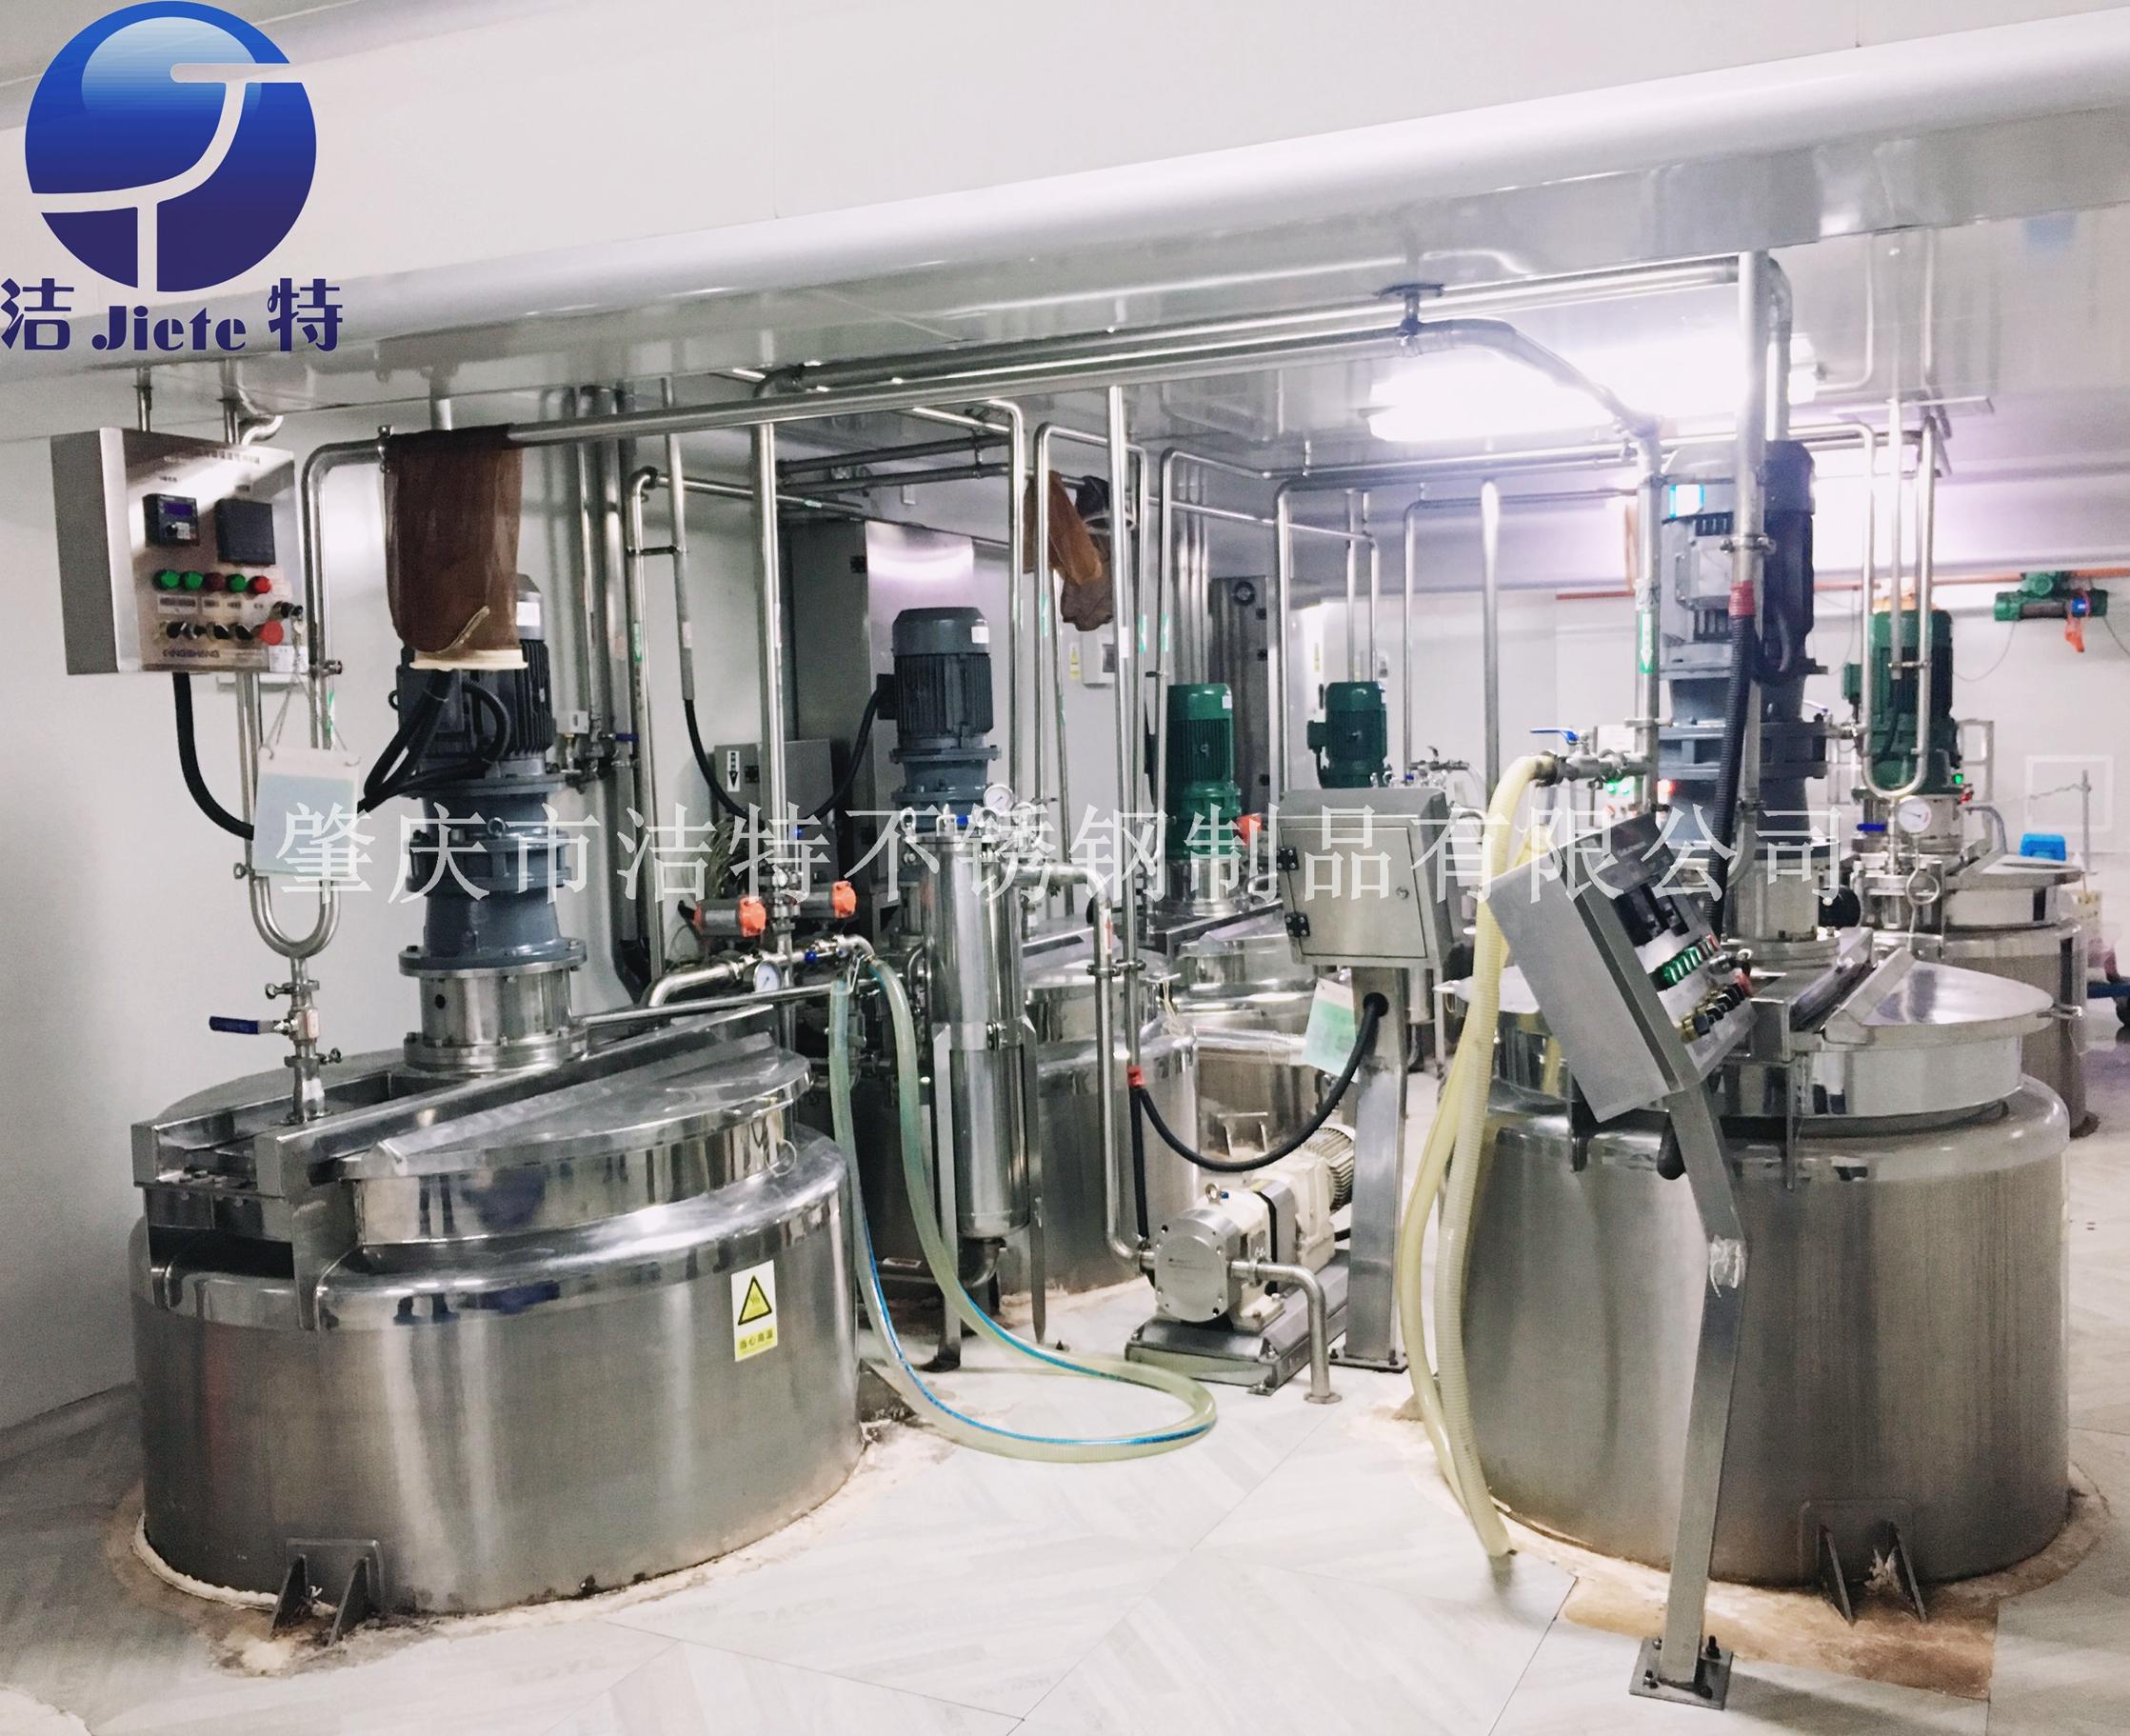 我们推荐长白山杀菌设备_食品、饮料生产线相关-肇庆市高要区洁特不锈钢制品有限公司